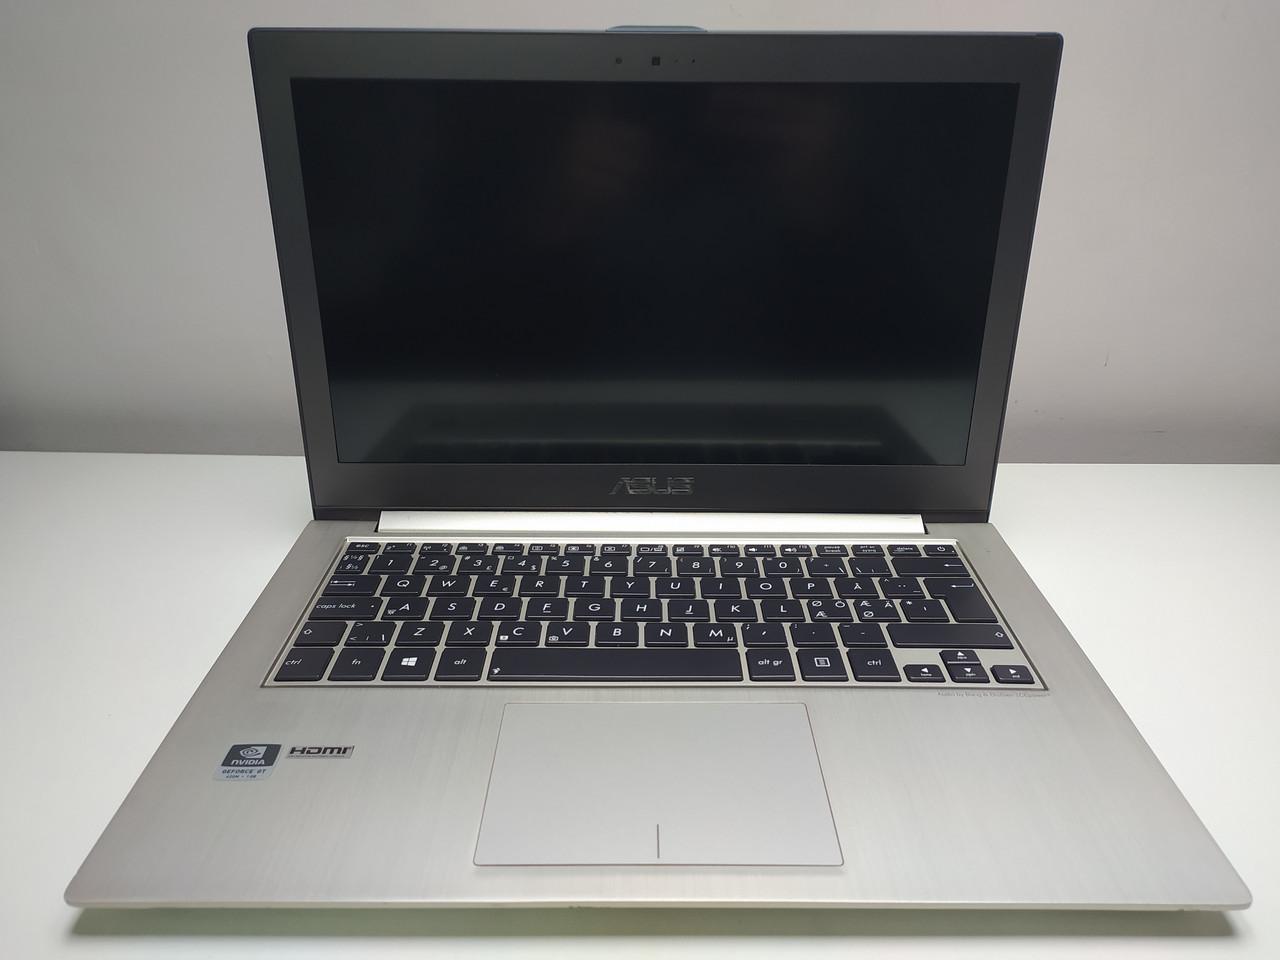 """Ноутбук Asus Zenbook UX32VD /Intel Core i7-3517U 1.9GHz/6Гб/SSD/13.3""""/NVIDIA GeForce GT 620M"""